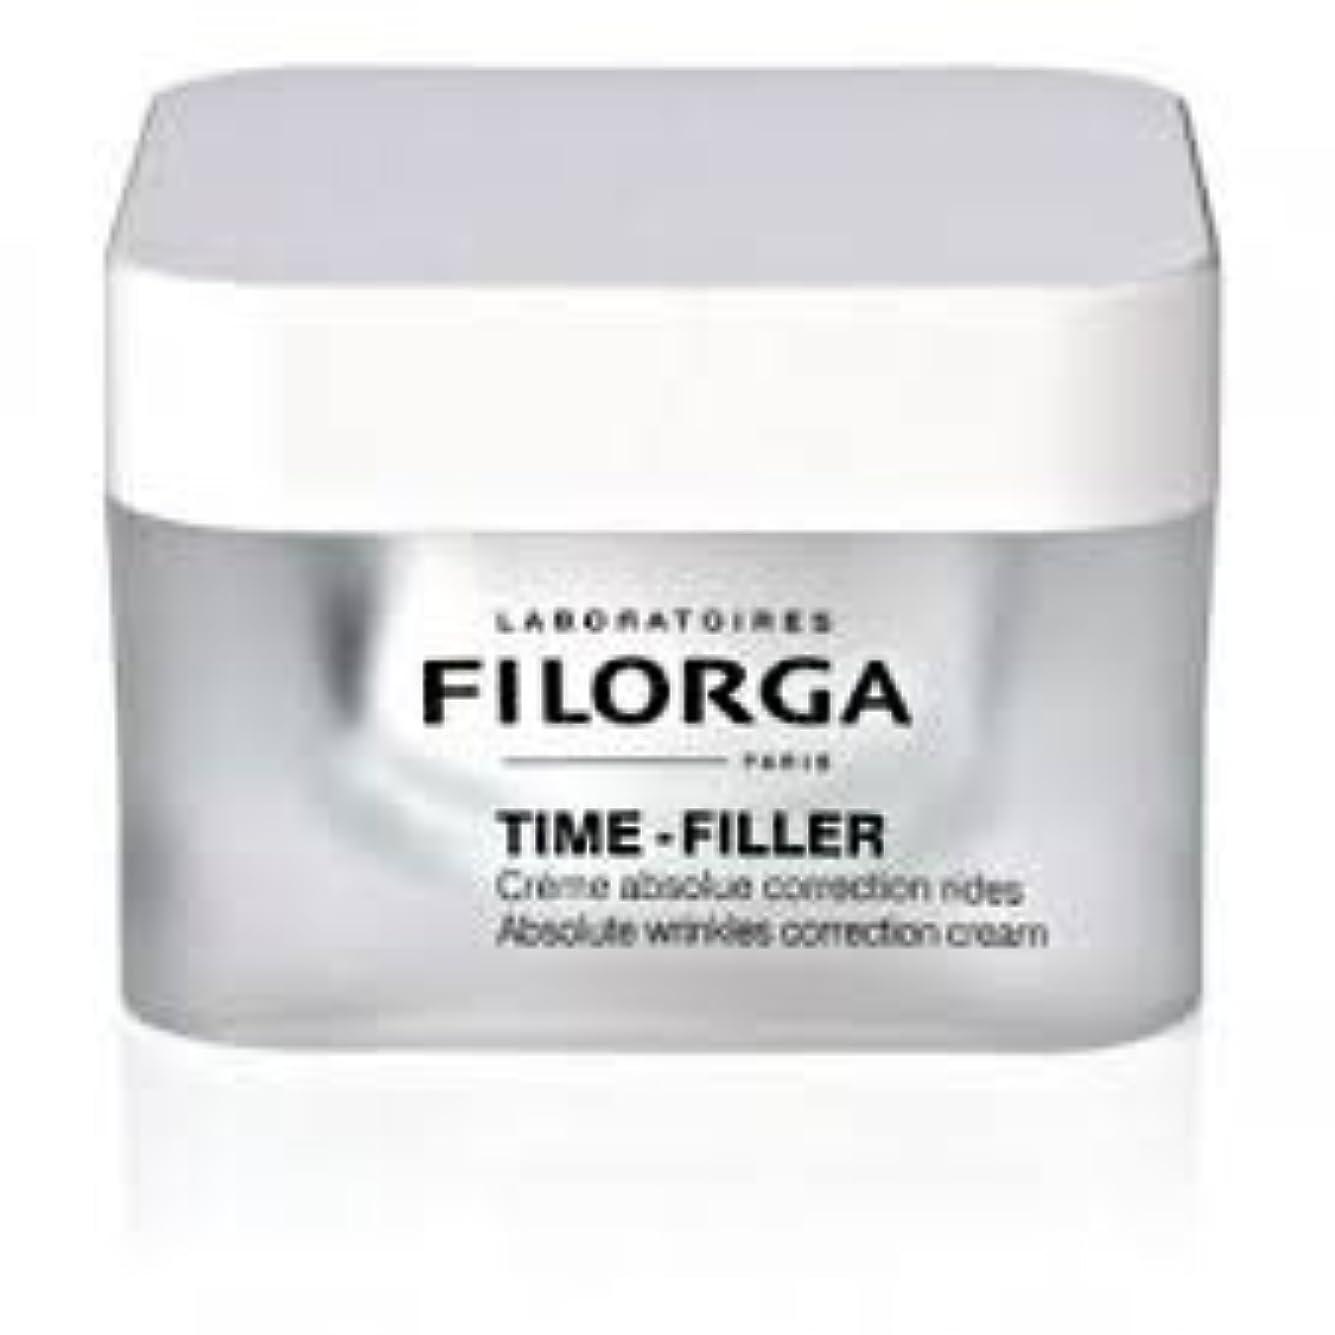 誰も飲食店ベースフィロルガ[FILORGA]タイム フィラー 50ML TIME FILLER 50ML [海外直送品] [並行輸入品]